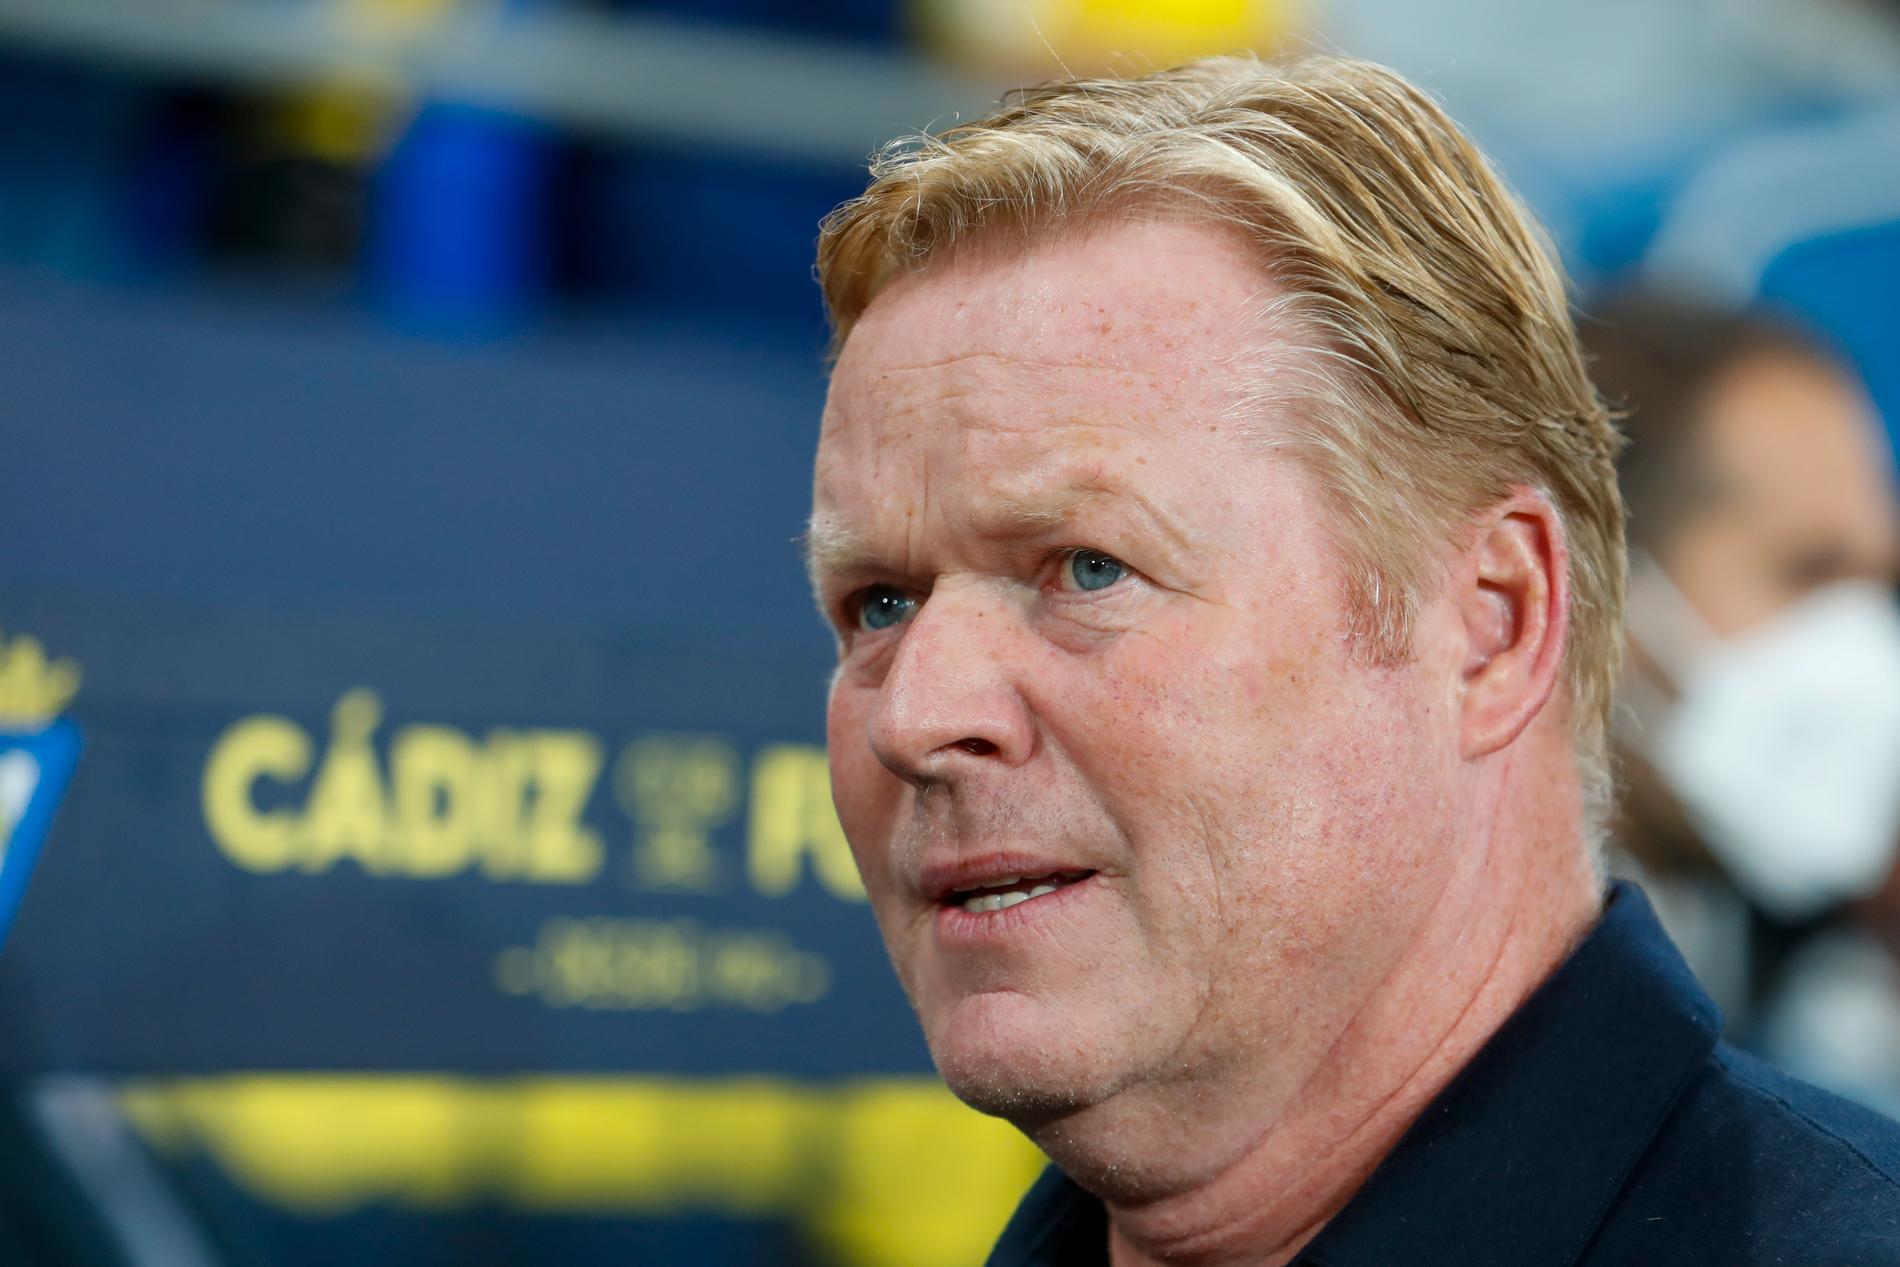 Ronald Koemans jobb som huvudtränare i Barcelona hänger på en skör tråd.